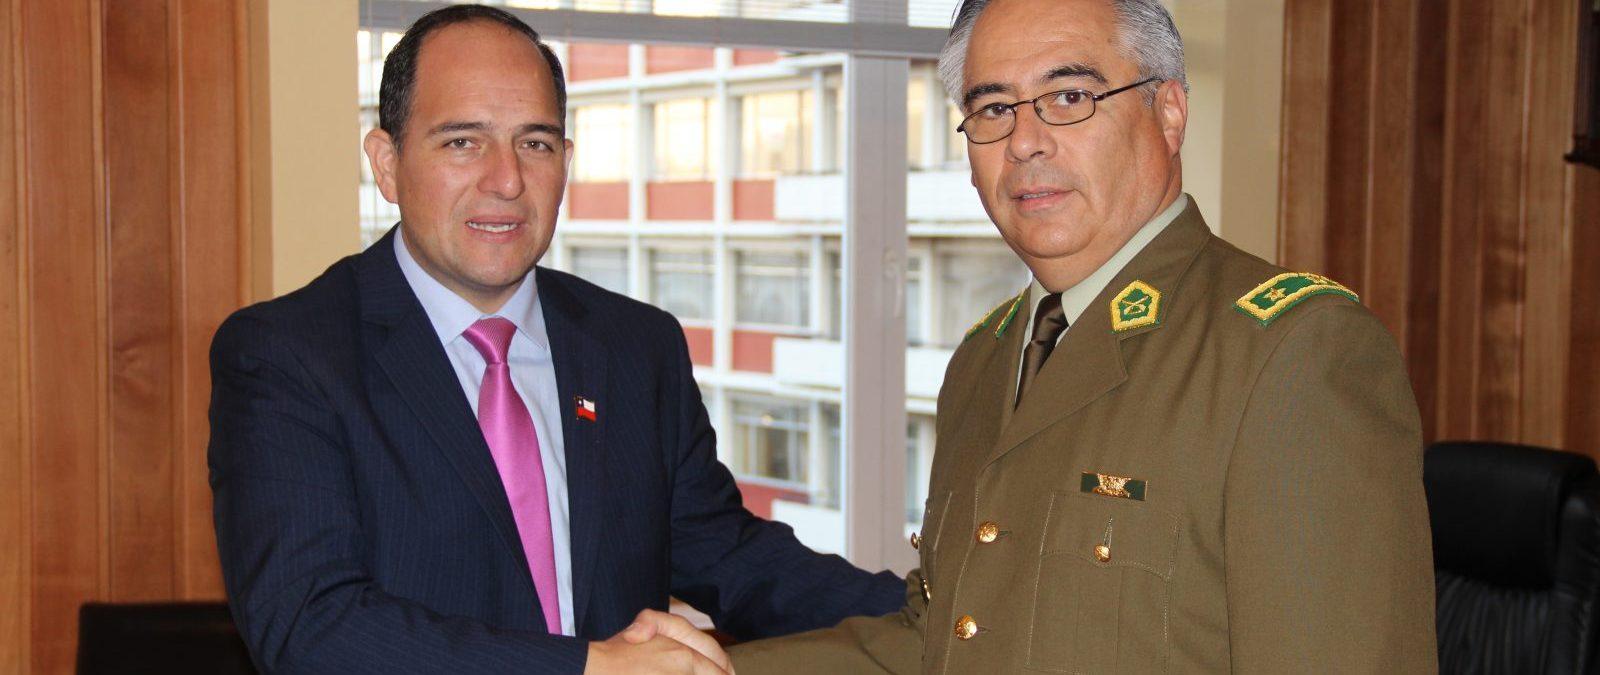 General Olate e Intendente Asenjo aseguraron trabajo conjunto en beneficio de la seguridad ciudadana en toda la región